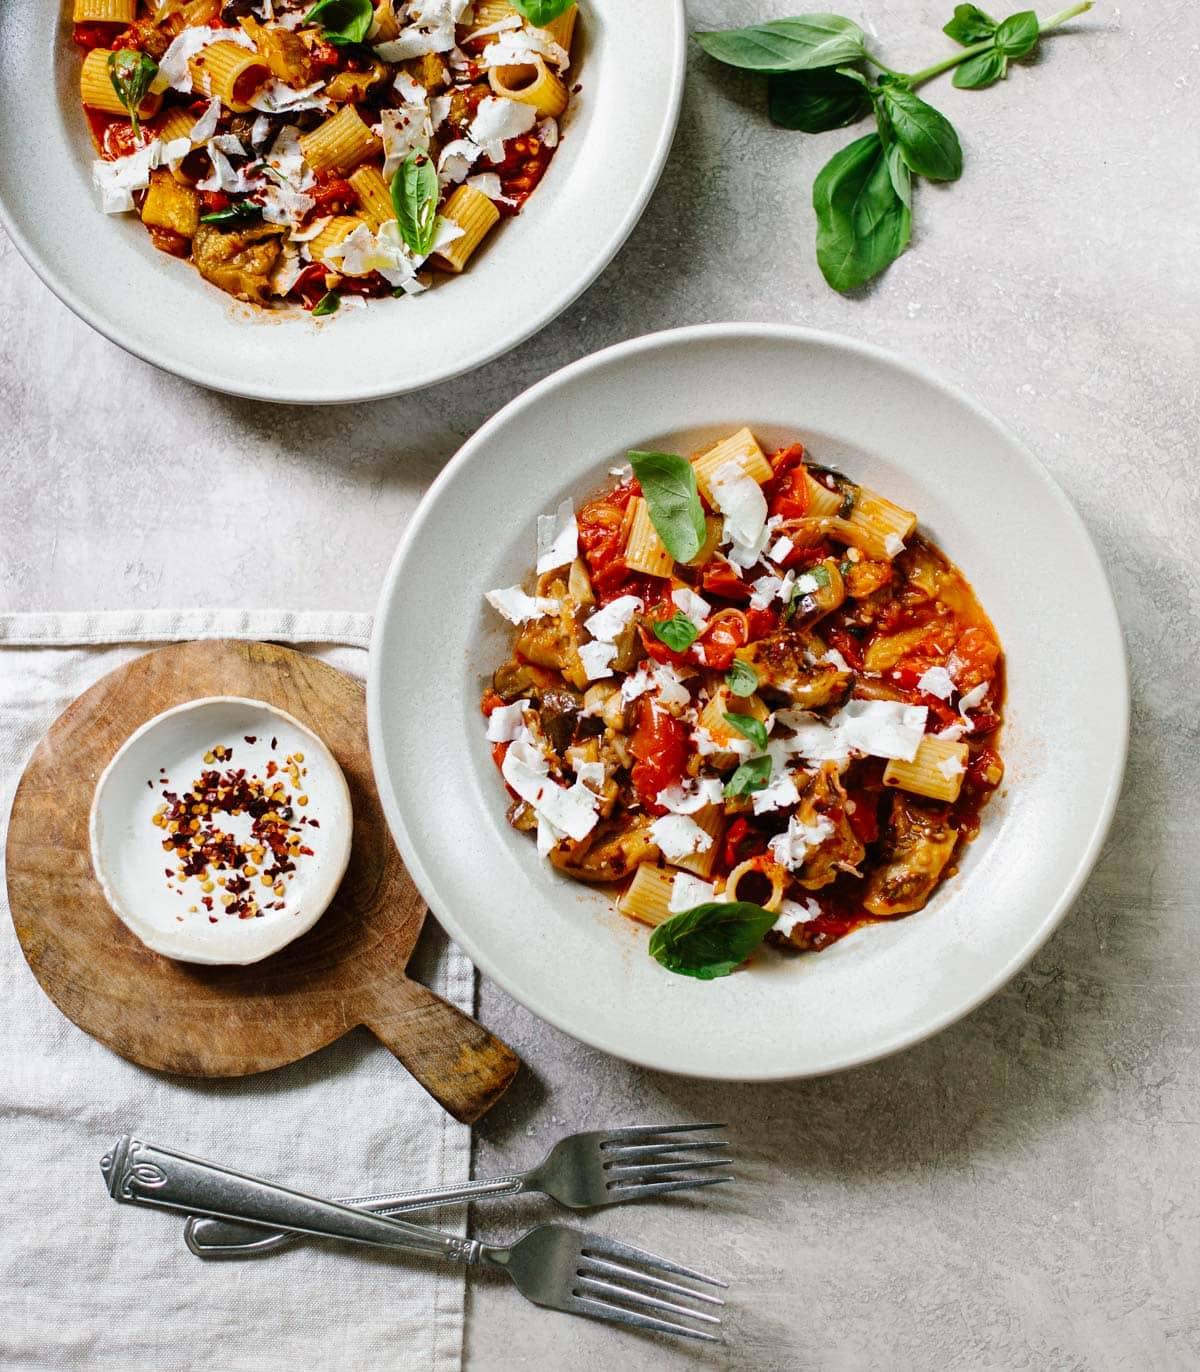 Pasta alla Norma – Spicy Tomato and Eggplant Pasta